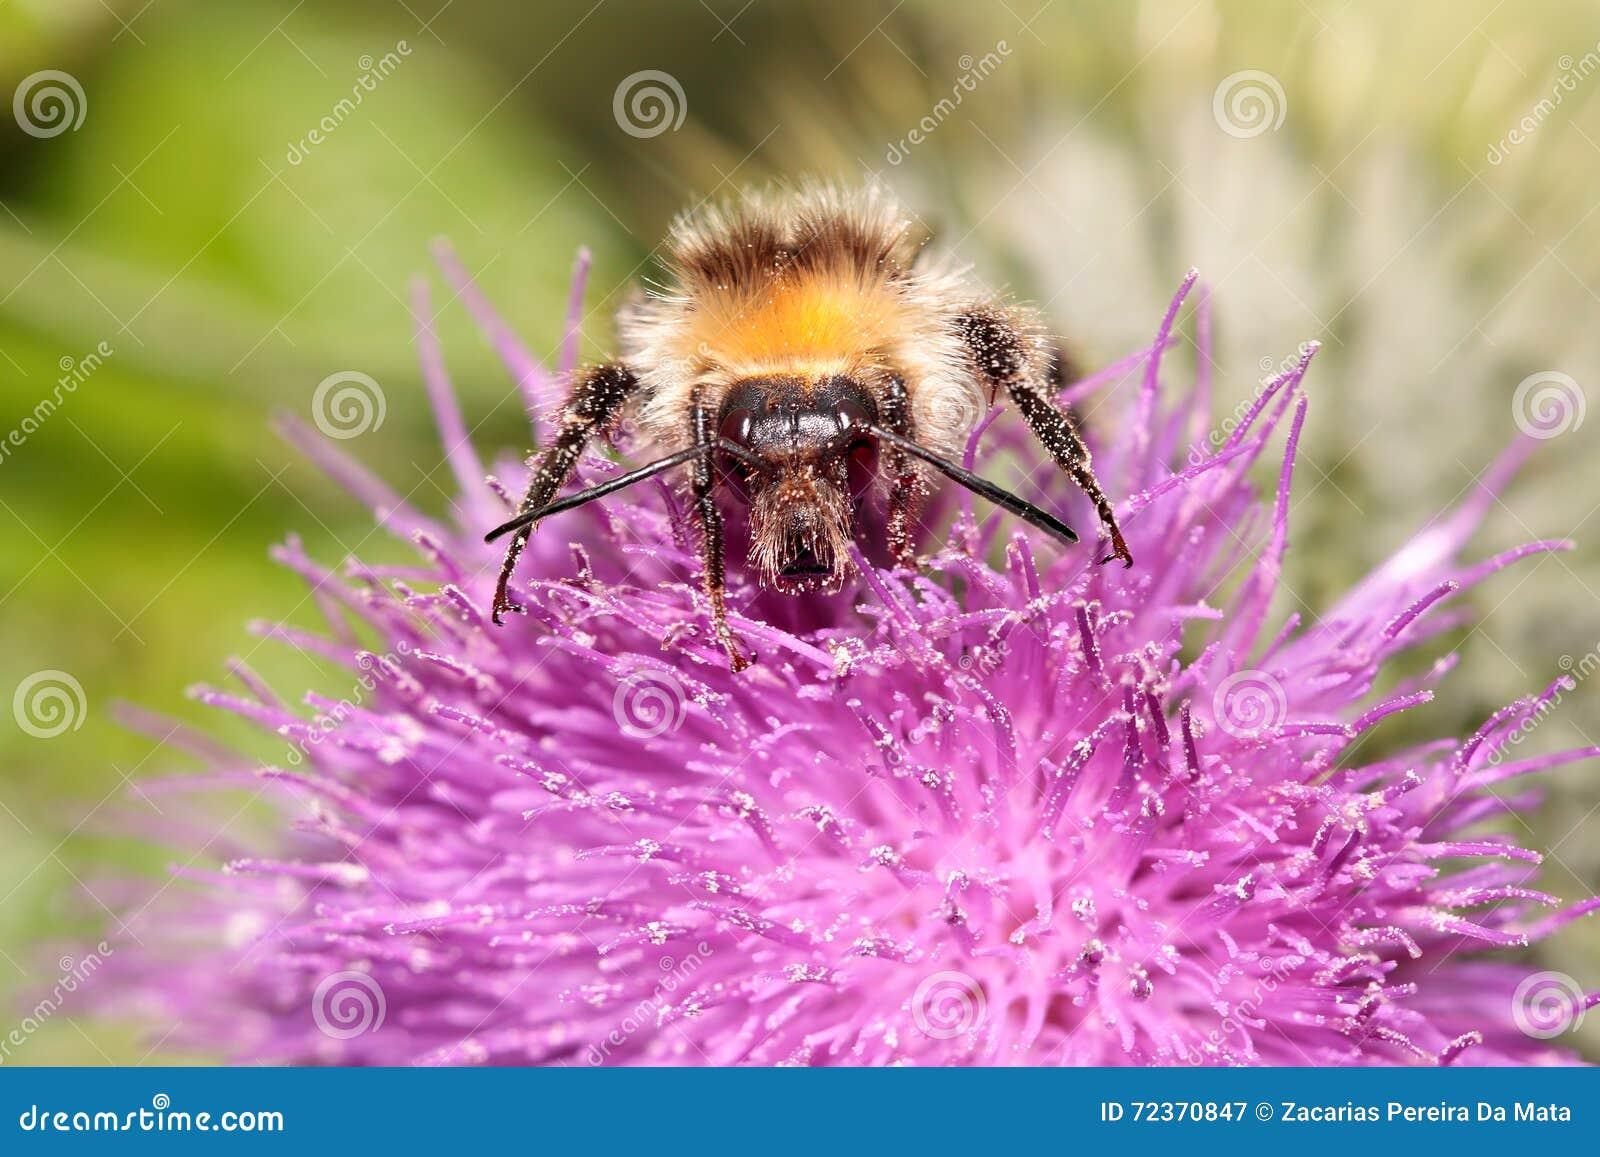 用花粉盖的土蜂